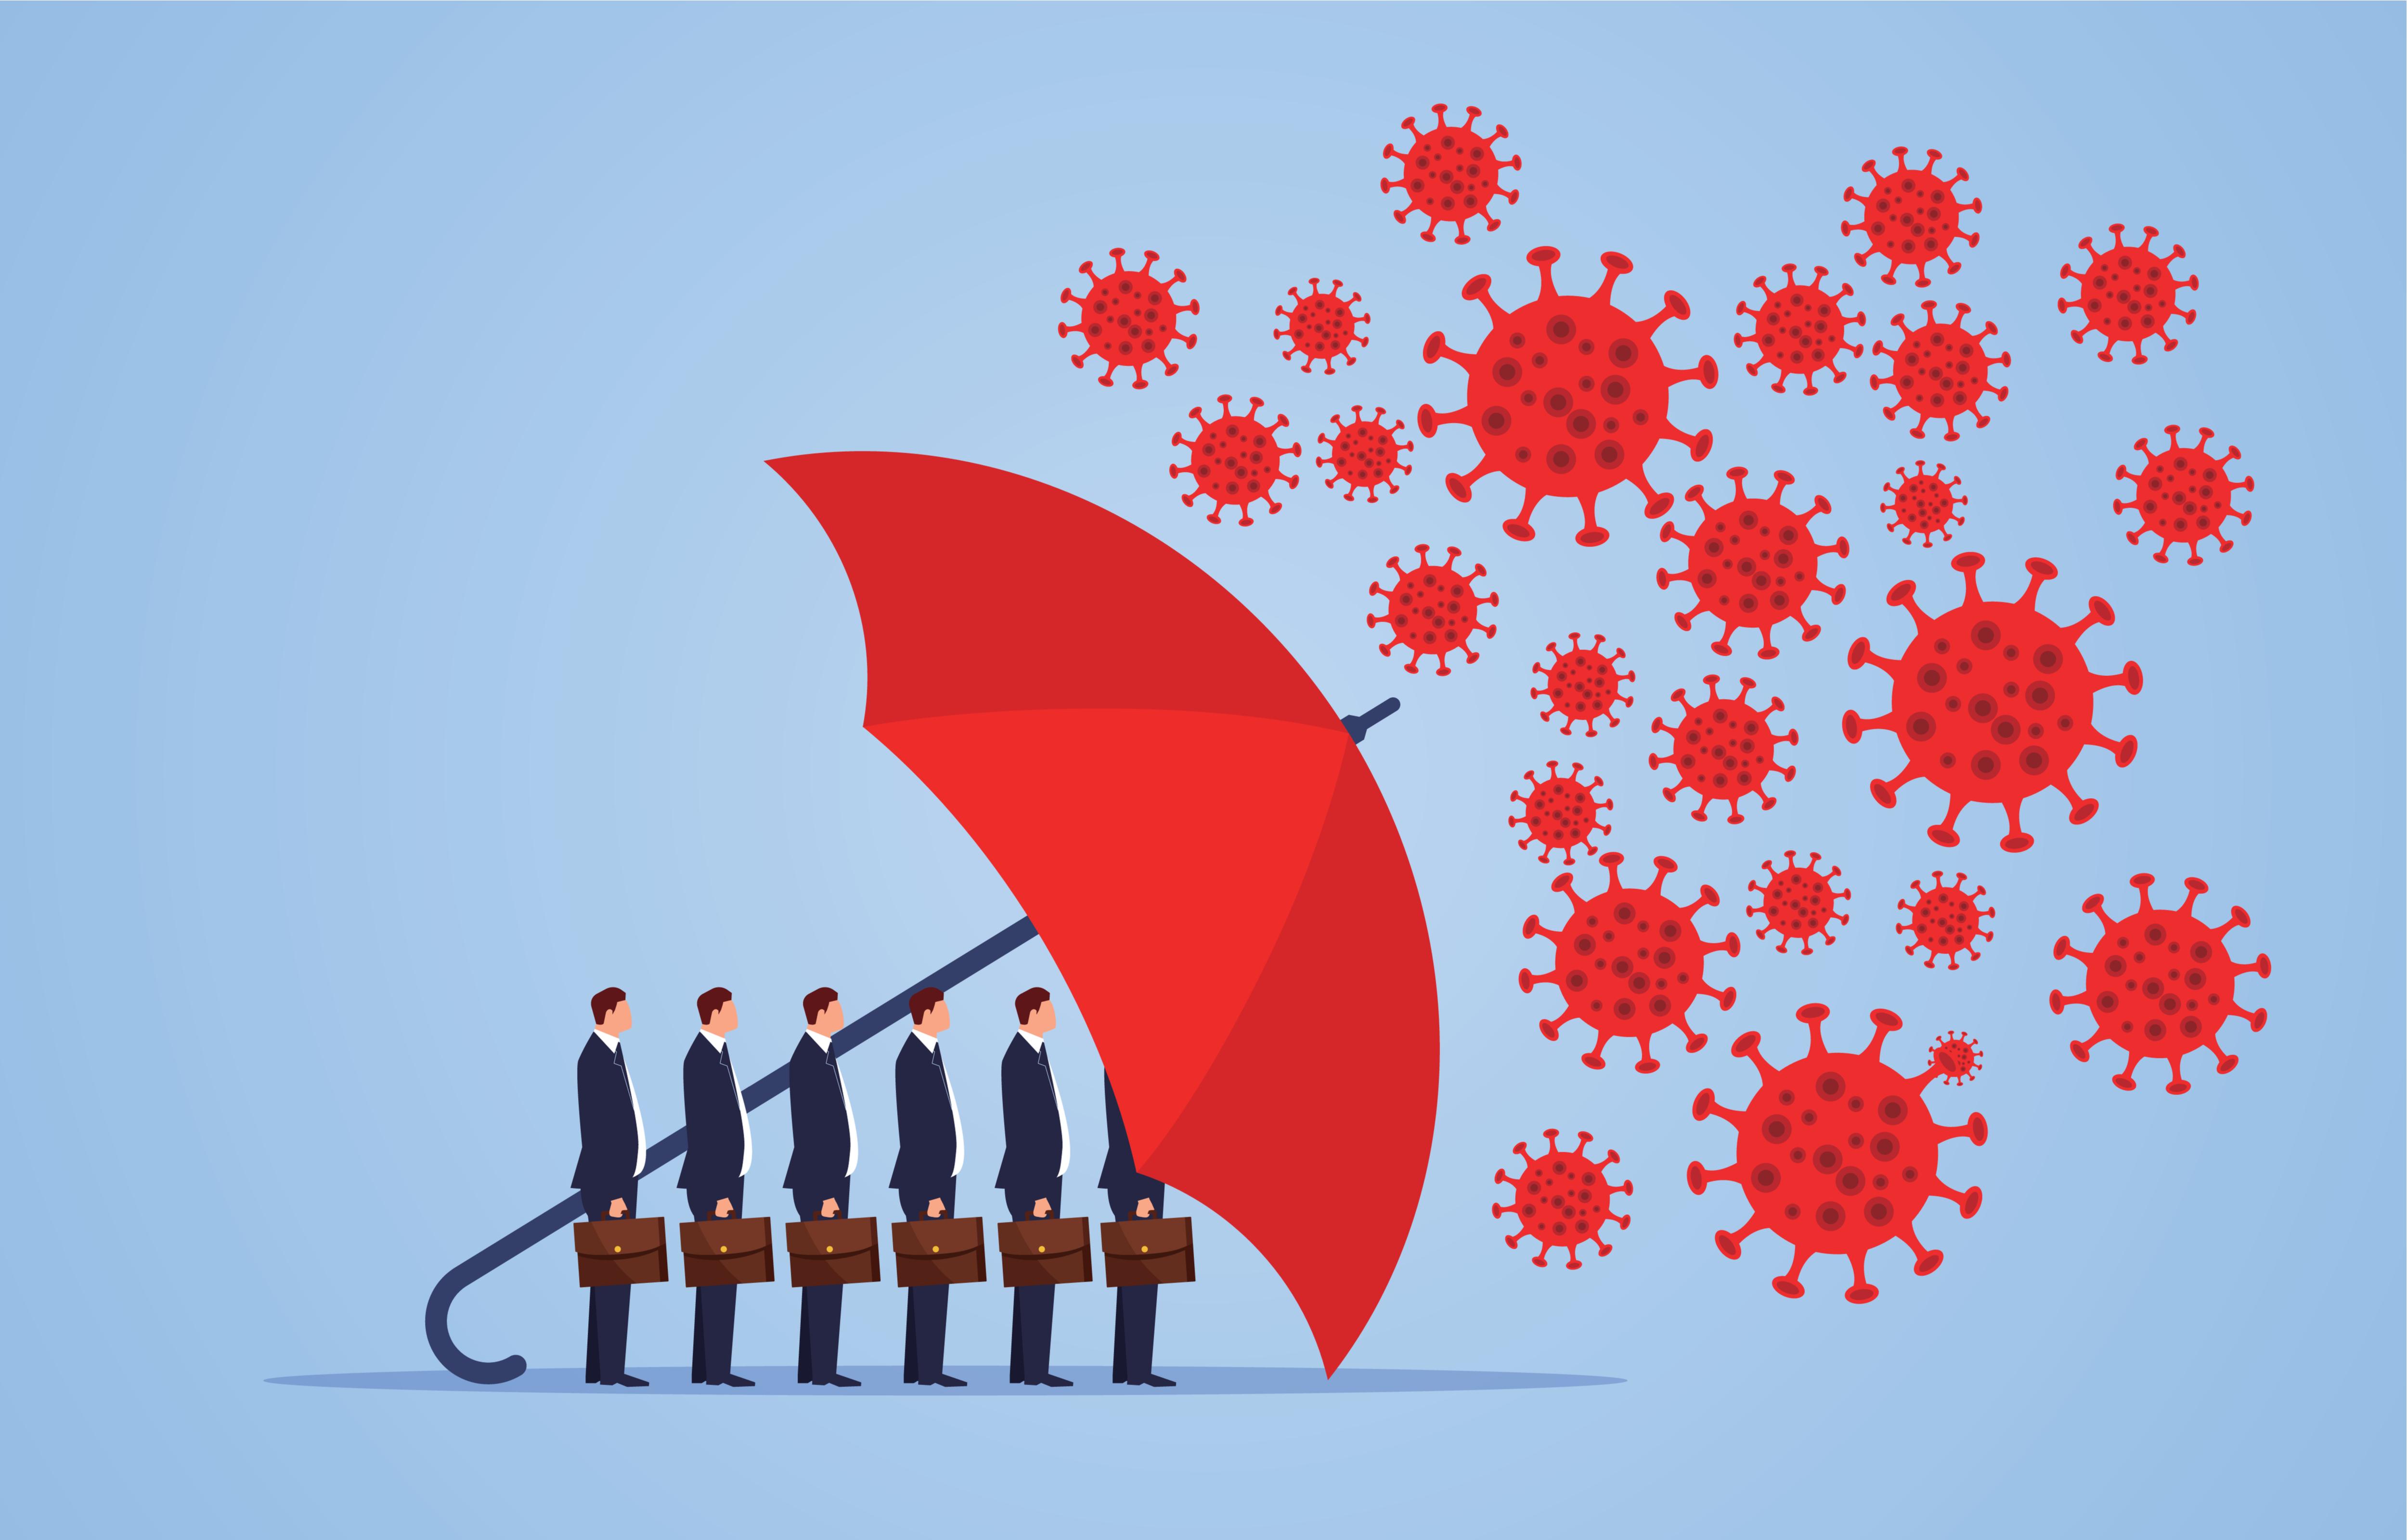 Firmy podjęły szereg działań, których celem jest zapewnienie bezpieczeństwa pracownikom. (Fot. Shutterstock)